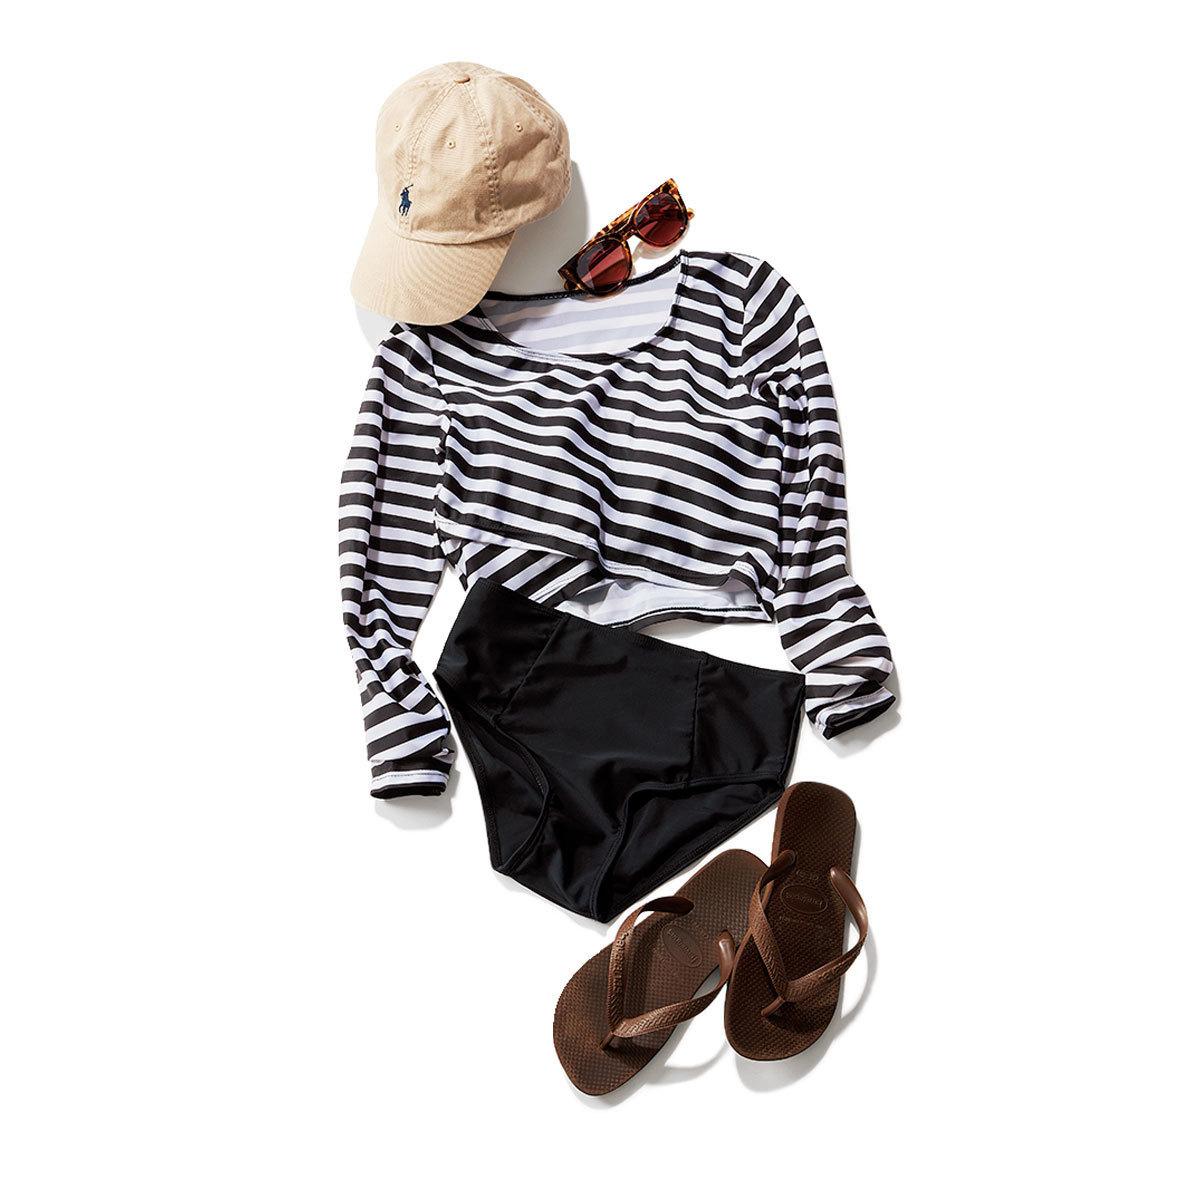 大人に似合う水着5選 | ワンピースや長袖の形に注目! | アラフォーファッション_1_5